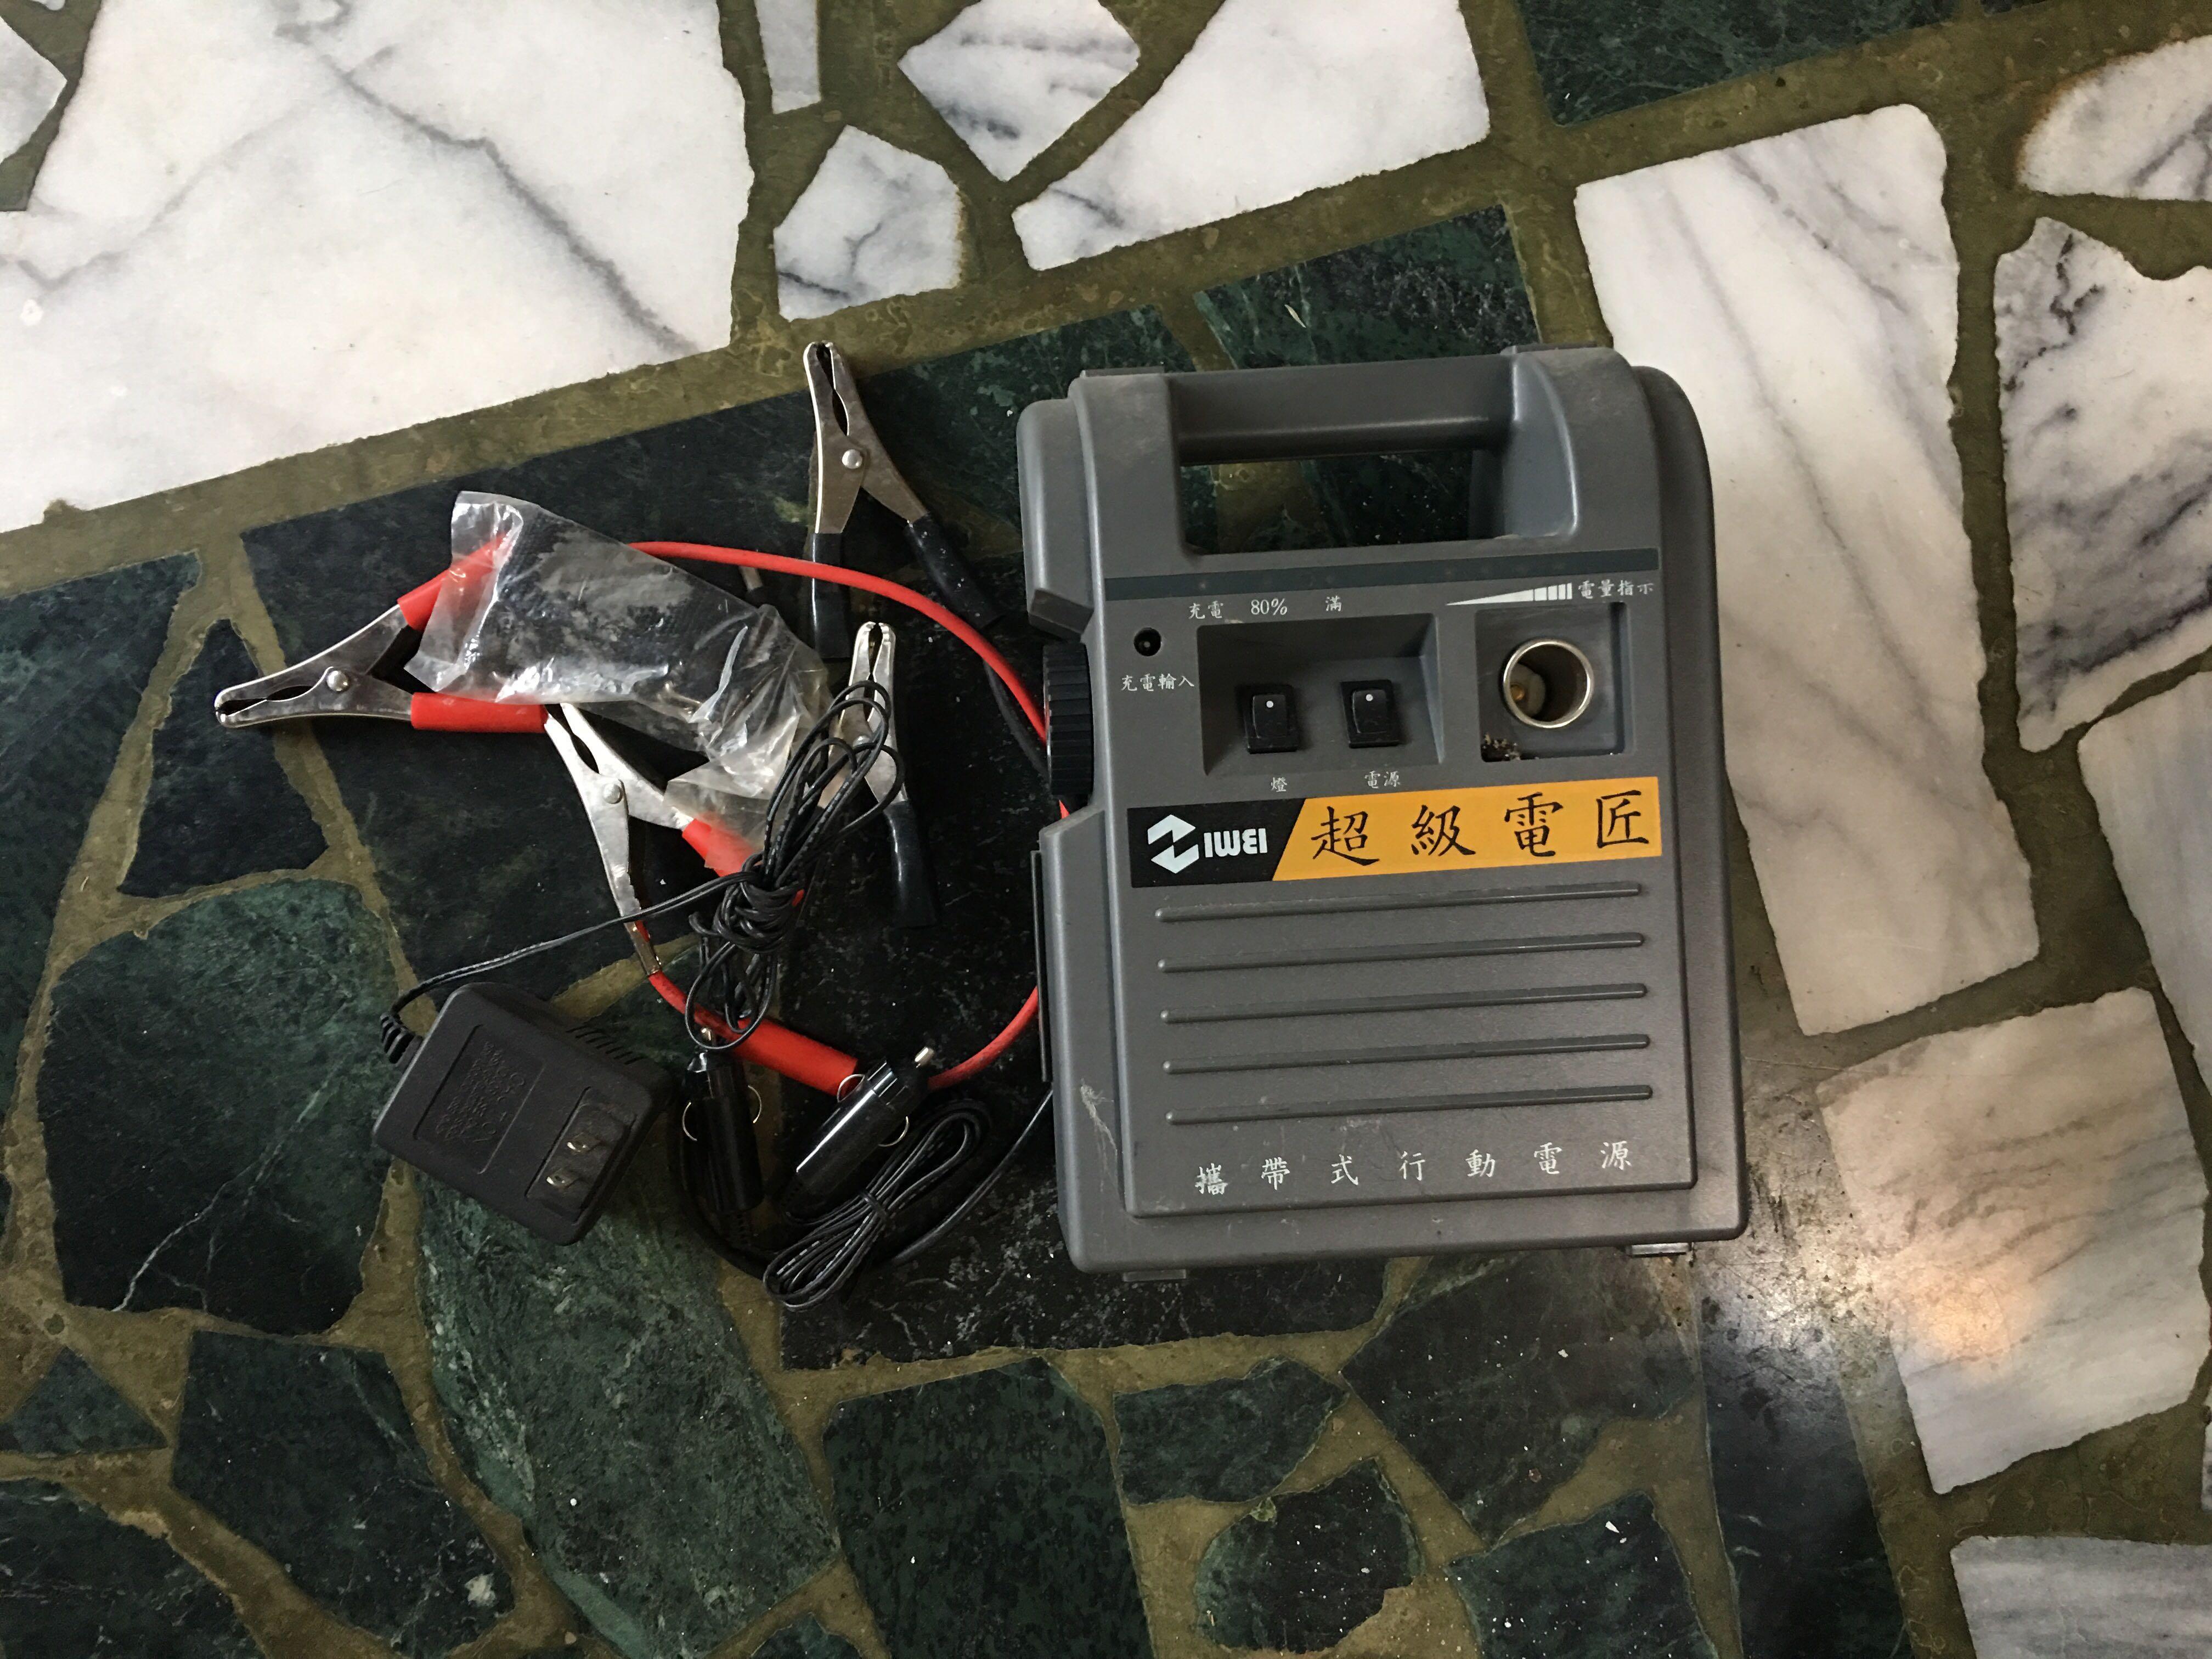 毅威Iwei MP525 超級電將